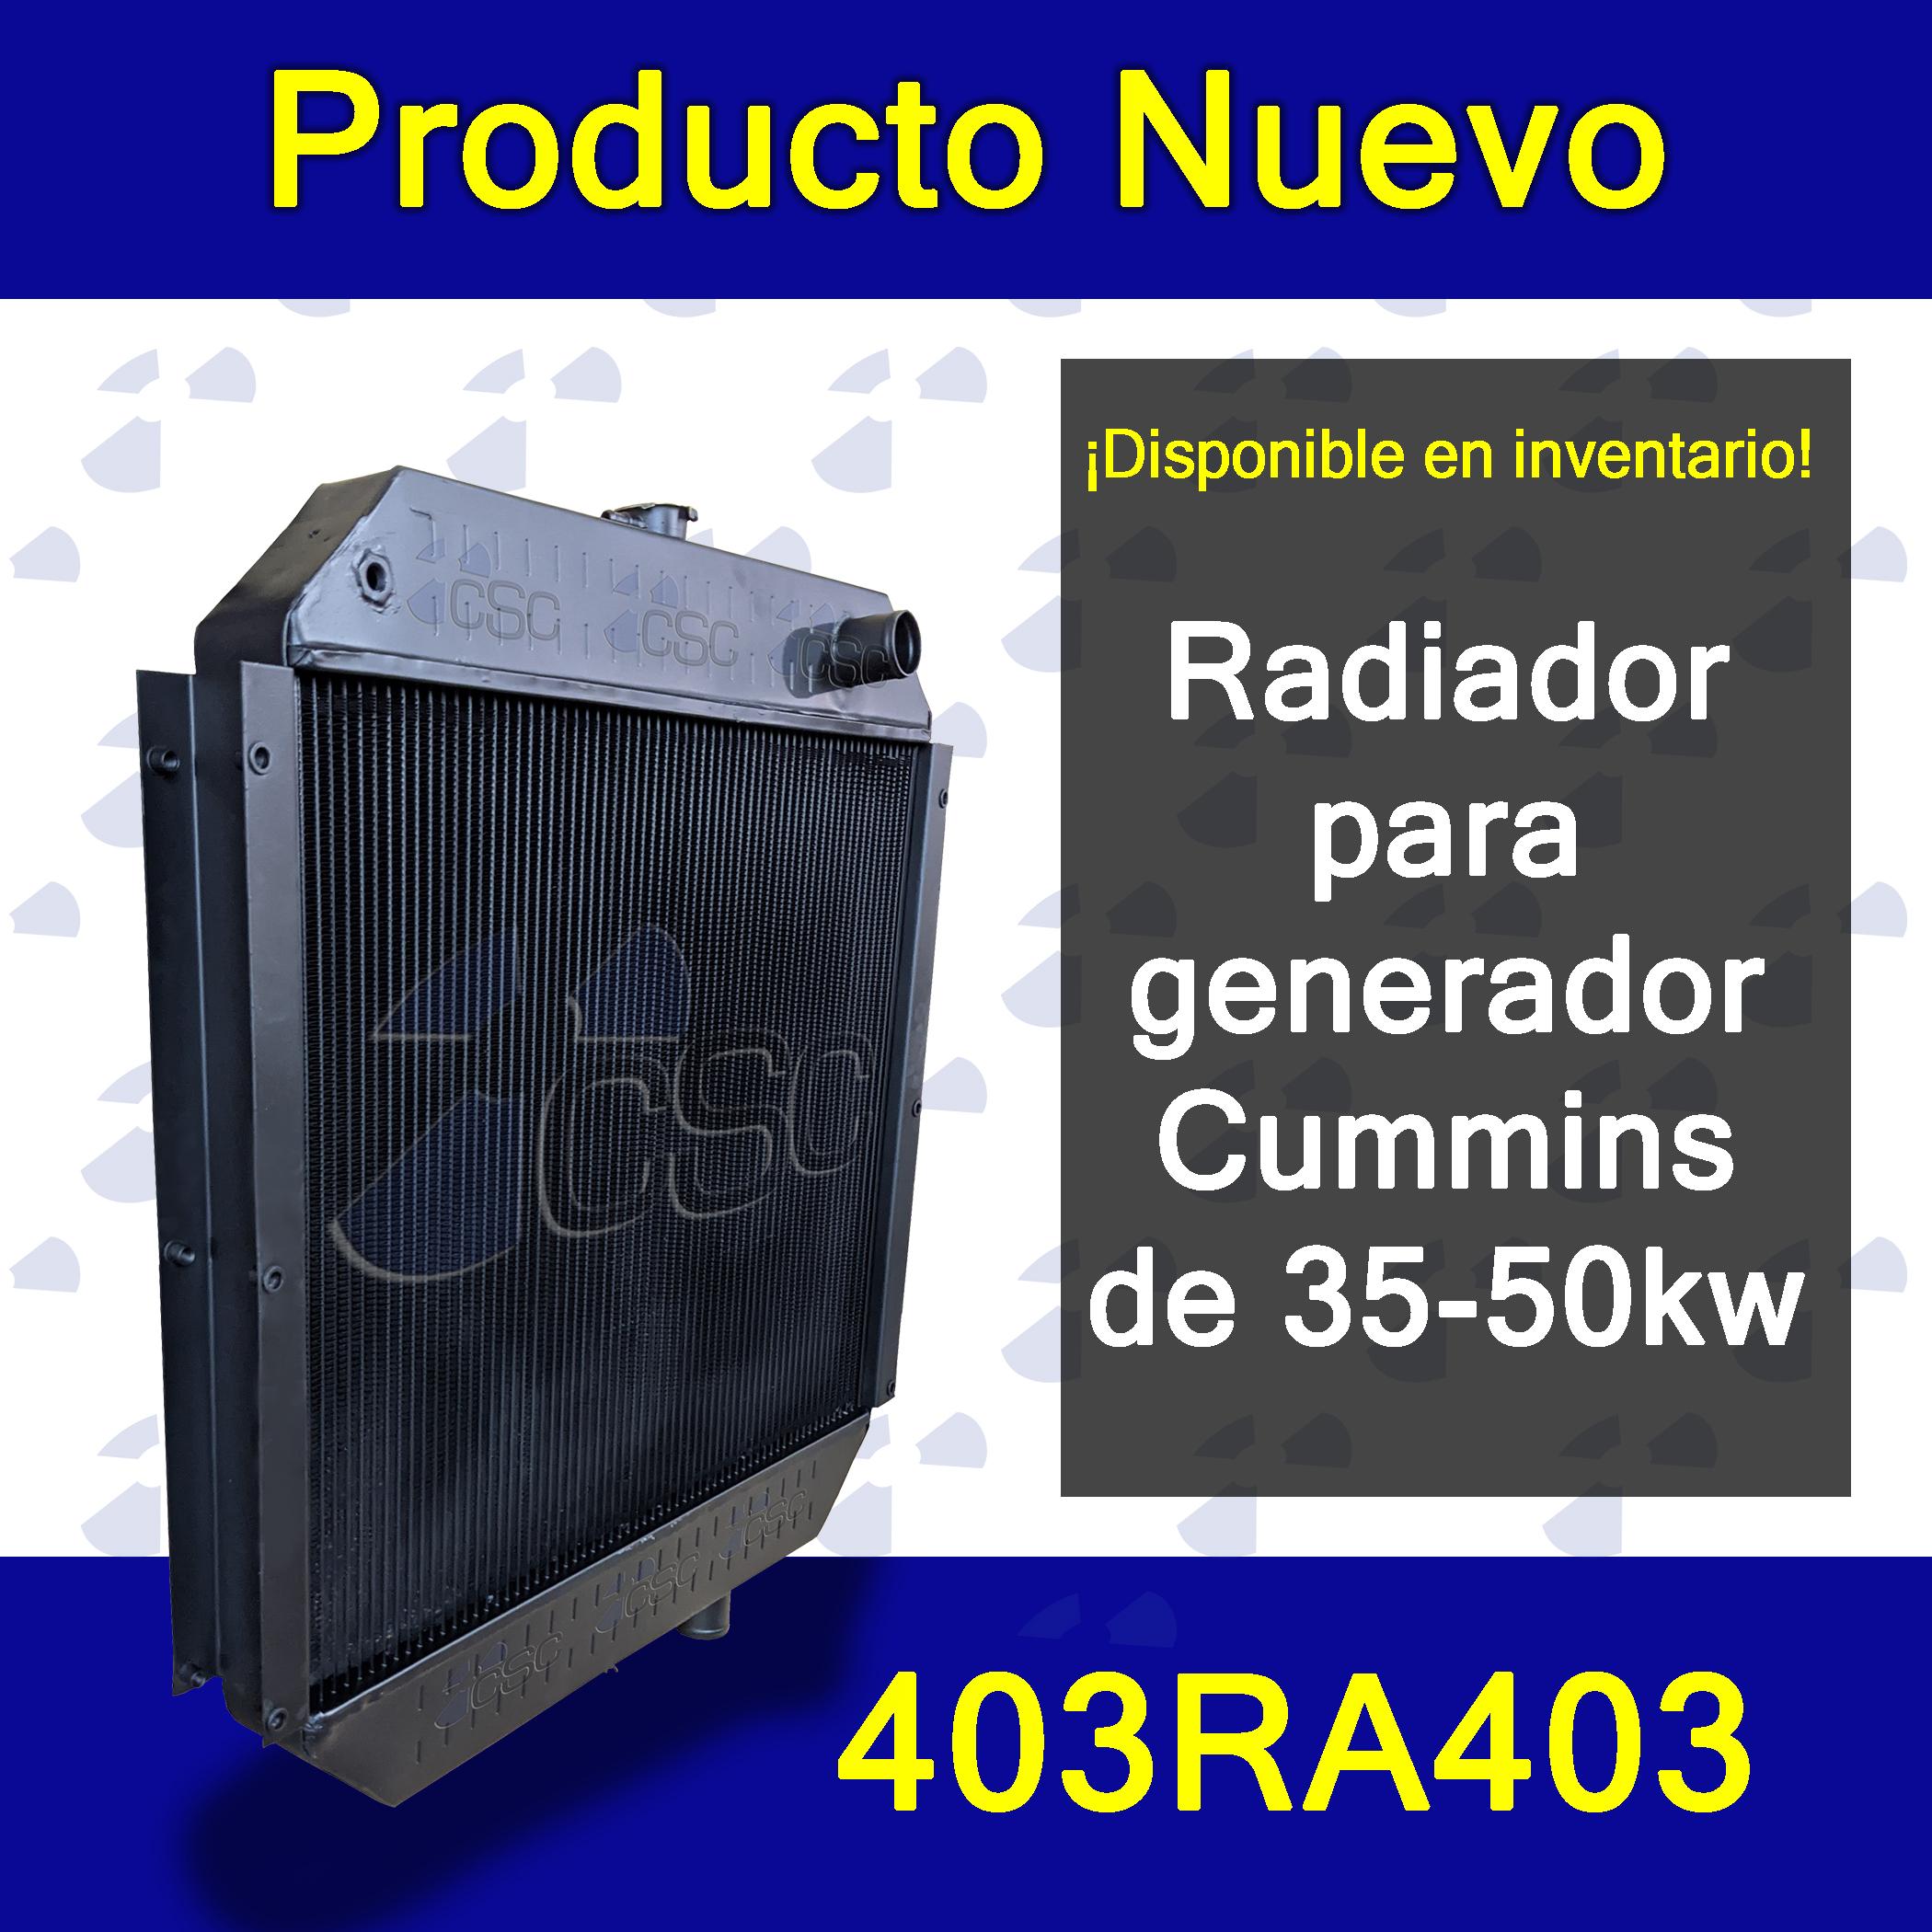 ¡Disponible en inventario! Radiador 403RA403 para generador Cummins de 35-50kw